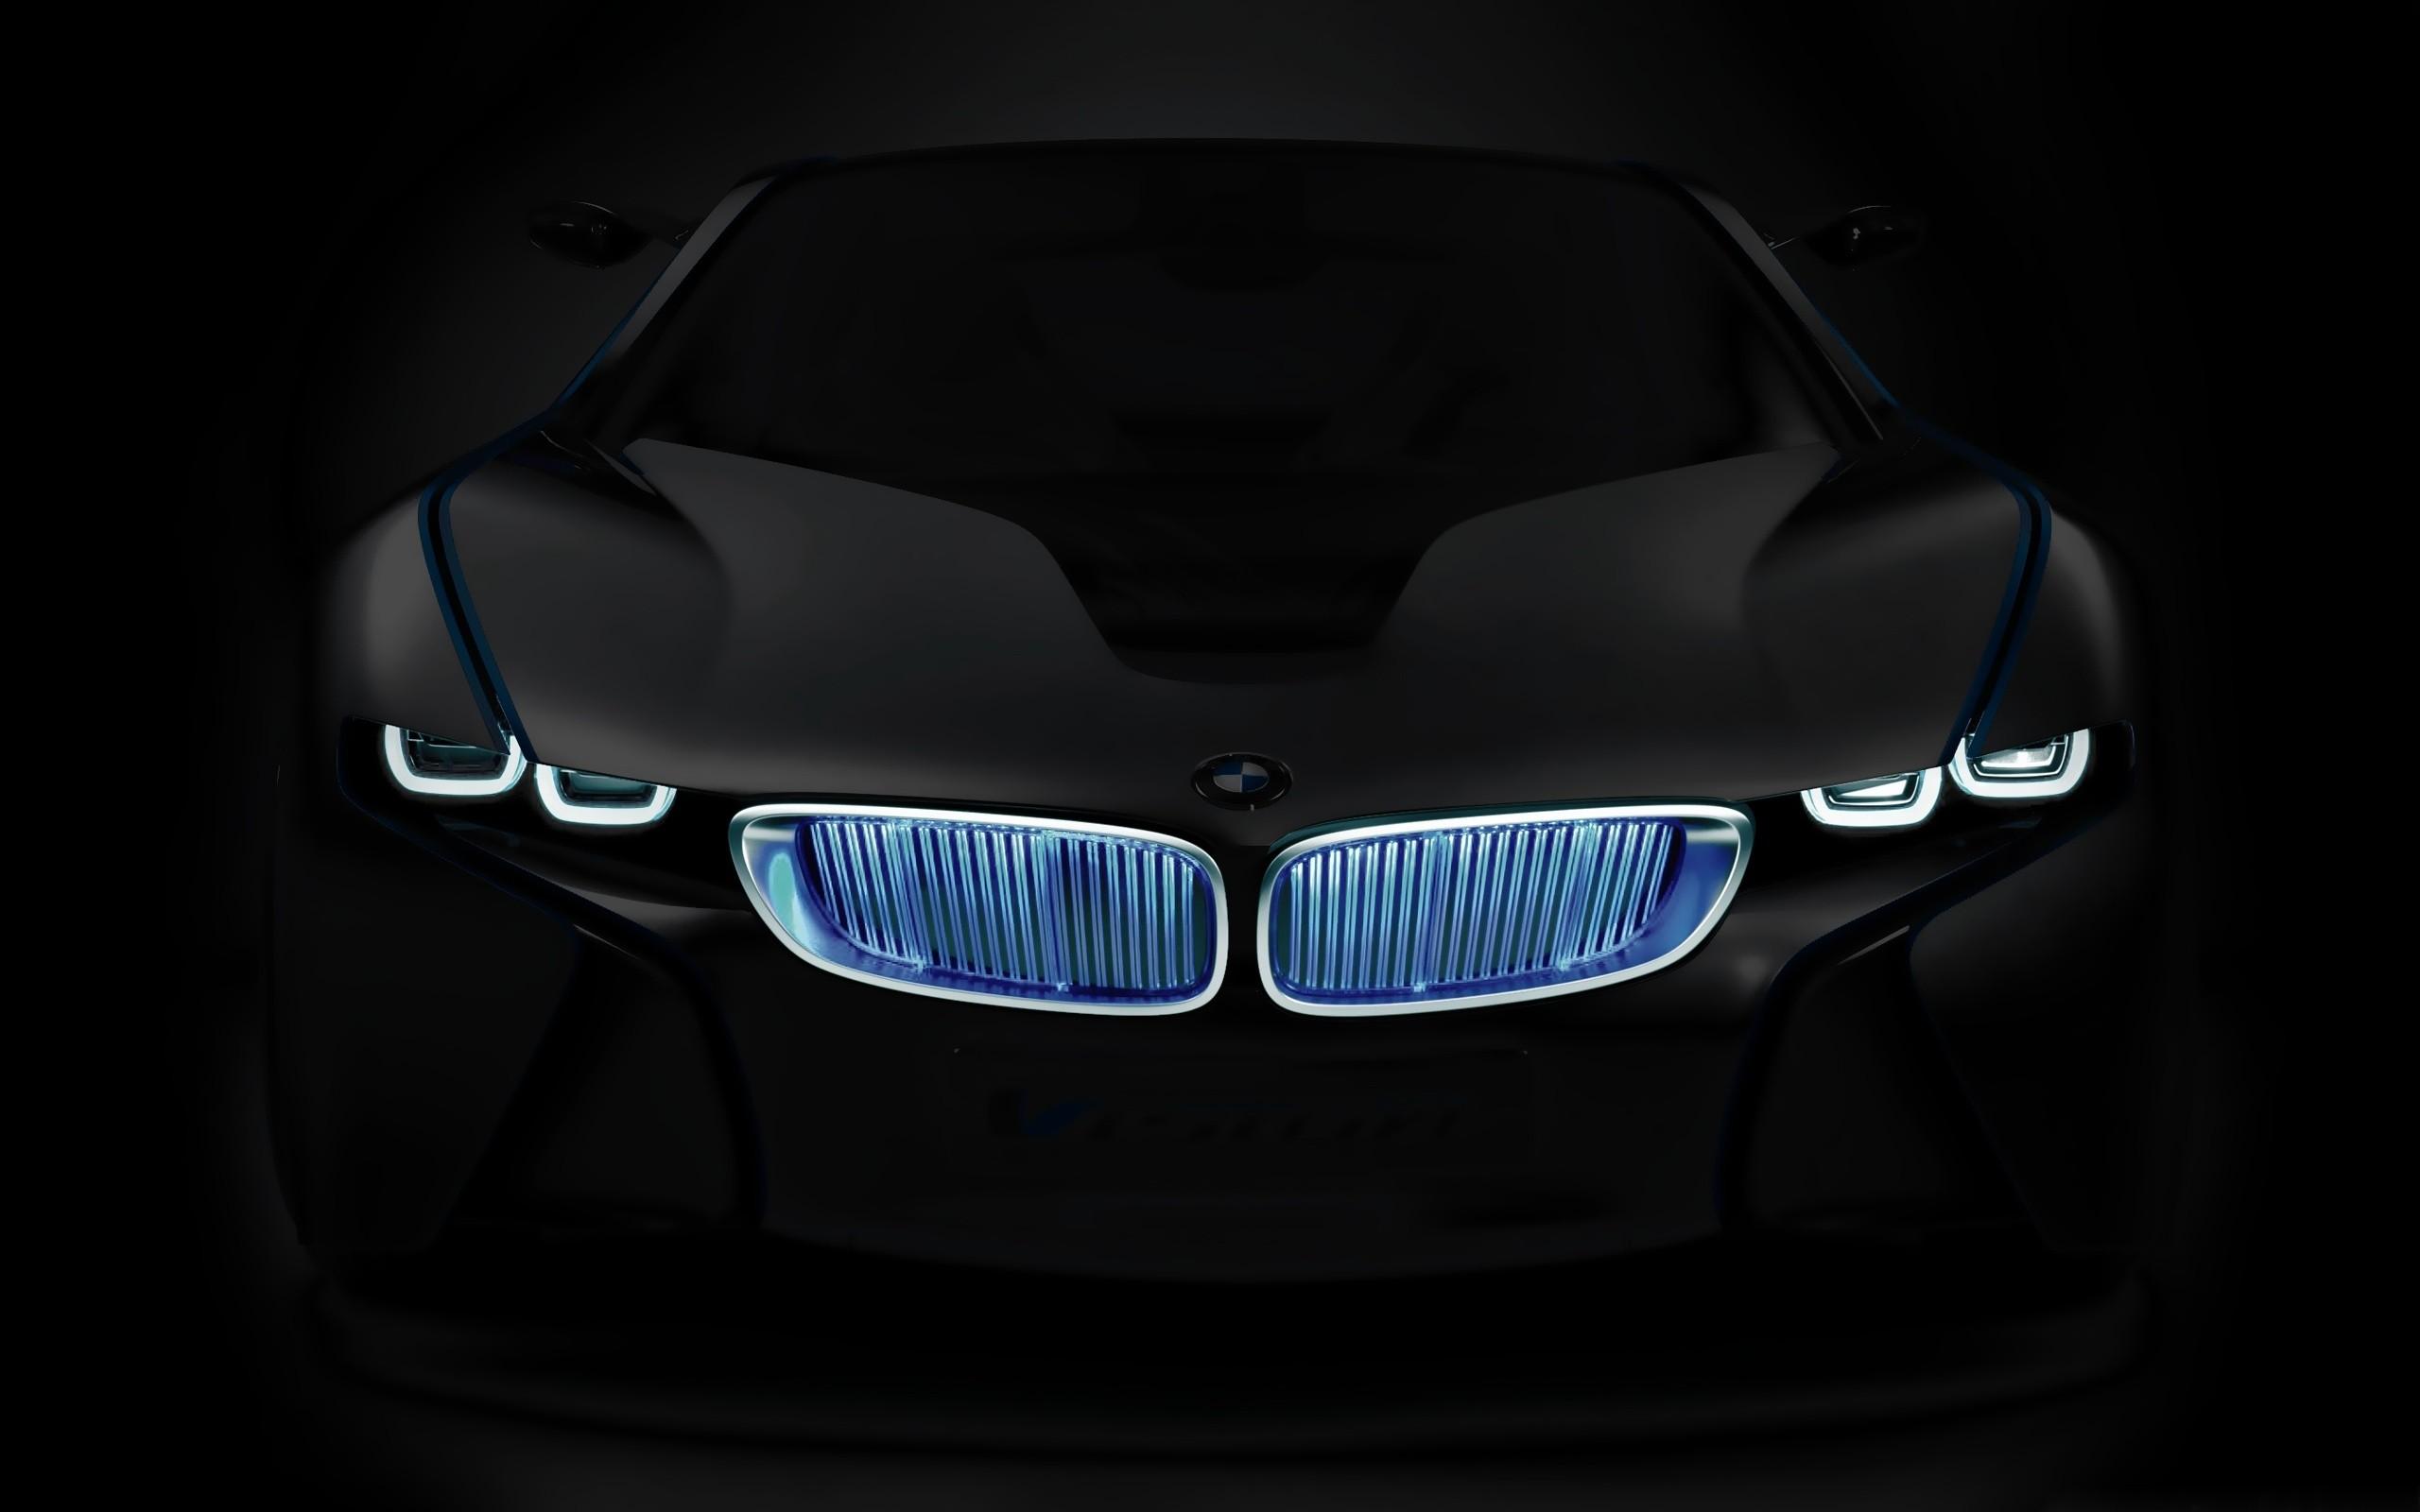 black BMW wallpapers, обои для рабочего стола бэха, скачать бесплатно, черная БМВ, car wallpaper, машины